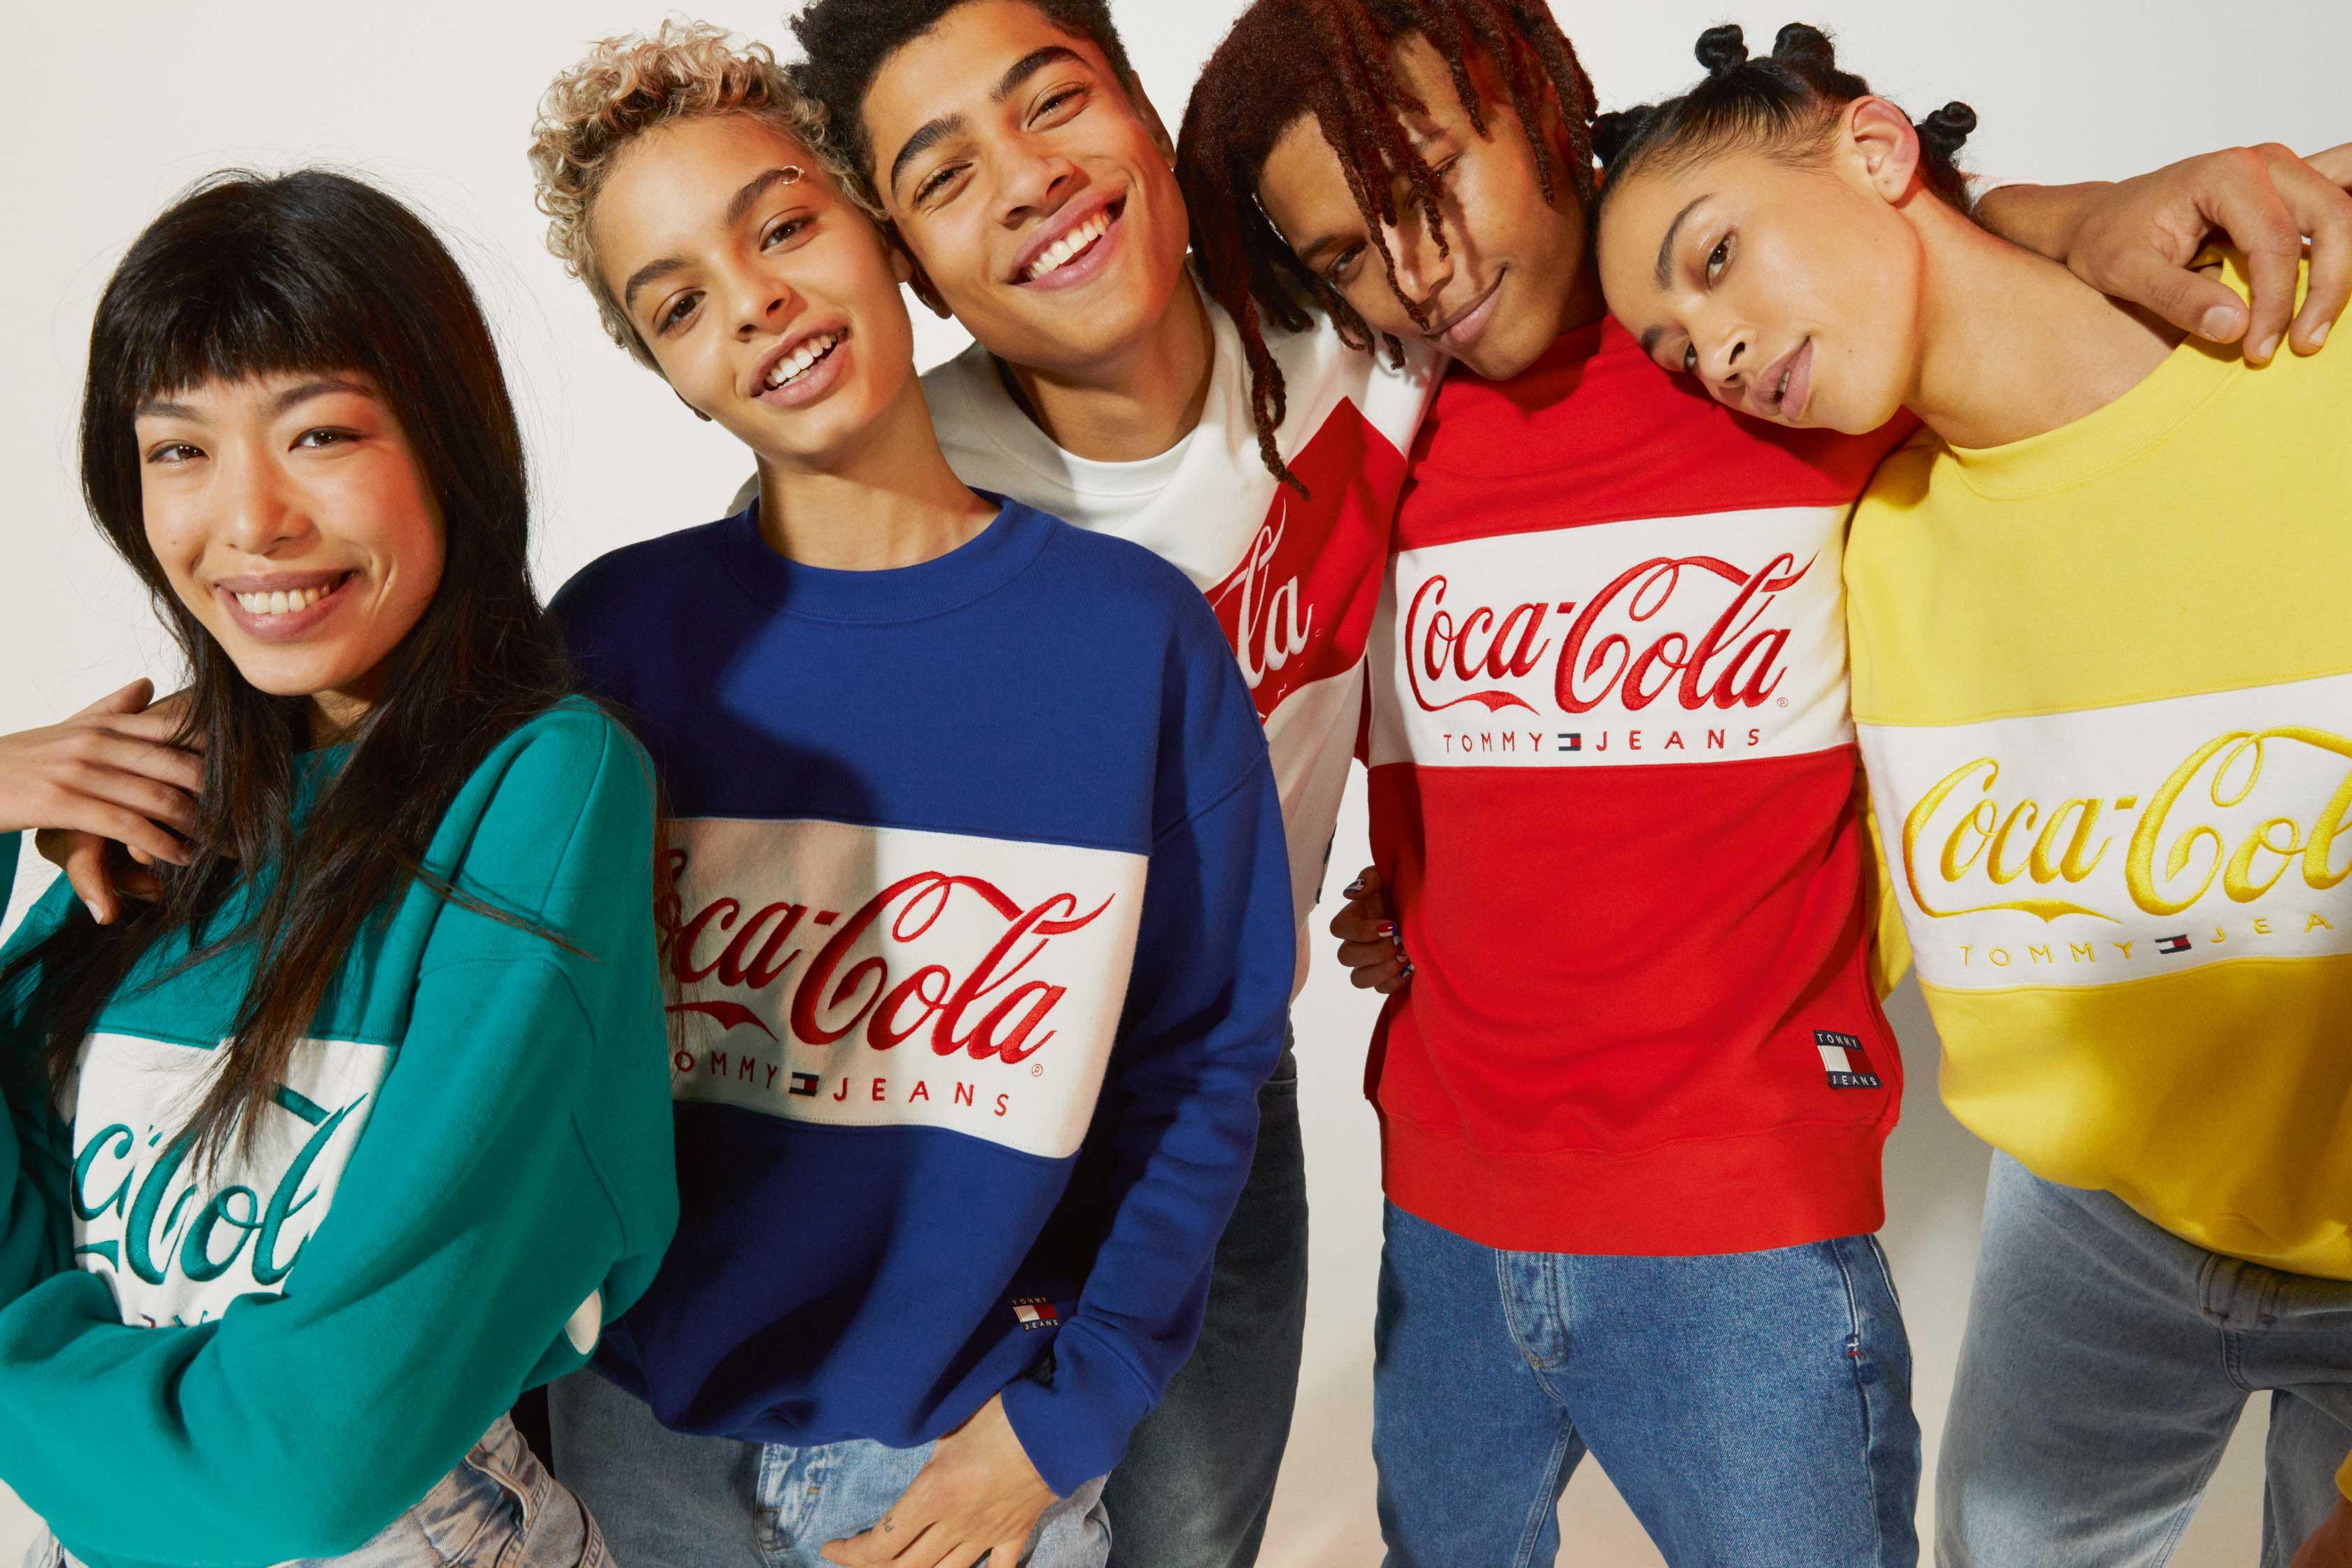 55f2ba9b77 Η Tommy Hilfiger και η Coca-Cola ανακοινώνουν το λανσάρισμα της capsule  συλλογής TOMMY JEANS Coca-Cola®